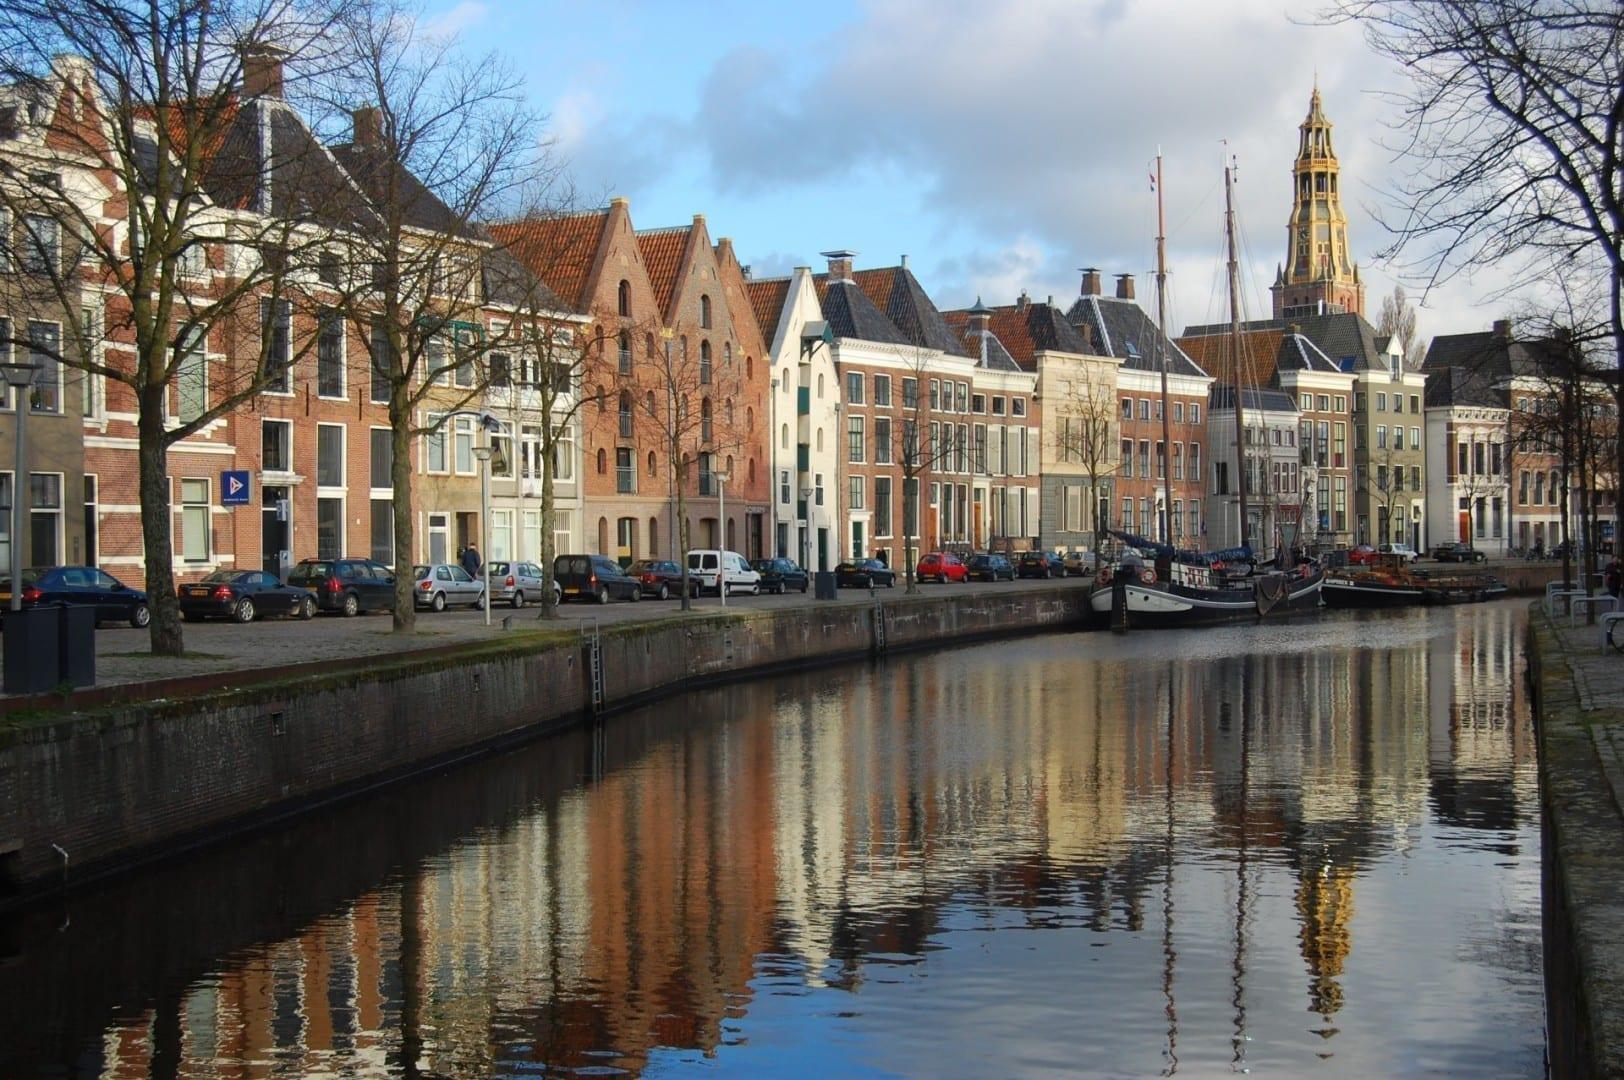 Antiguos almacenes a lo largo del canal de Hoge der Aa. En el fondo, se puede ver la torre del Aa-Kerk. Groninga Países Bajos